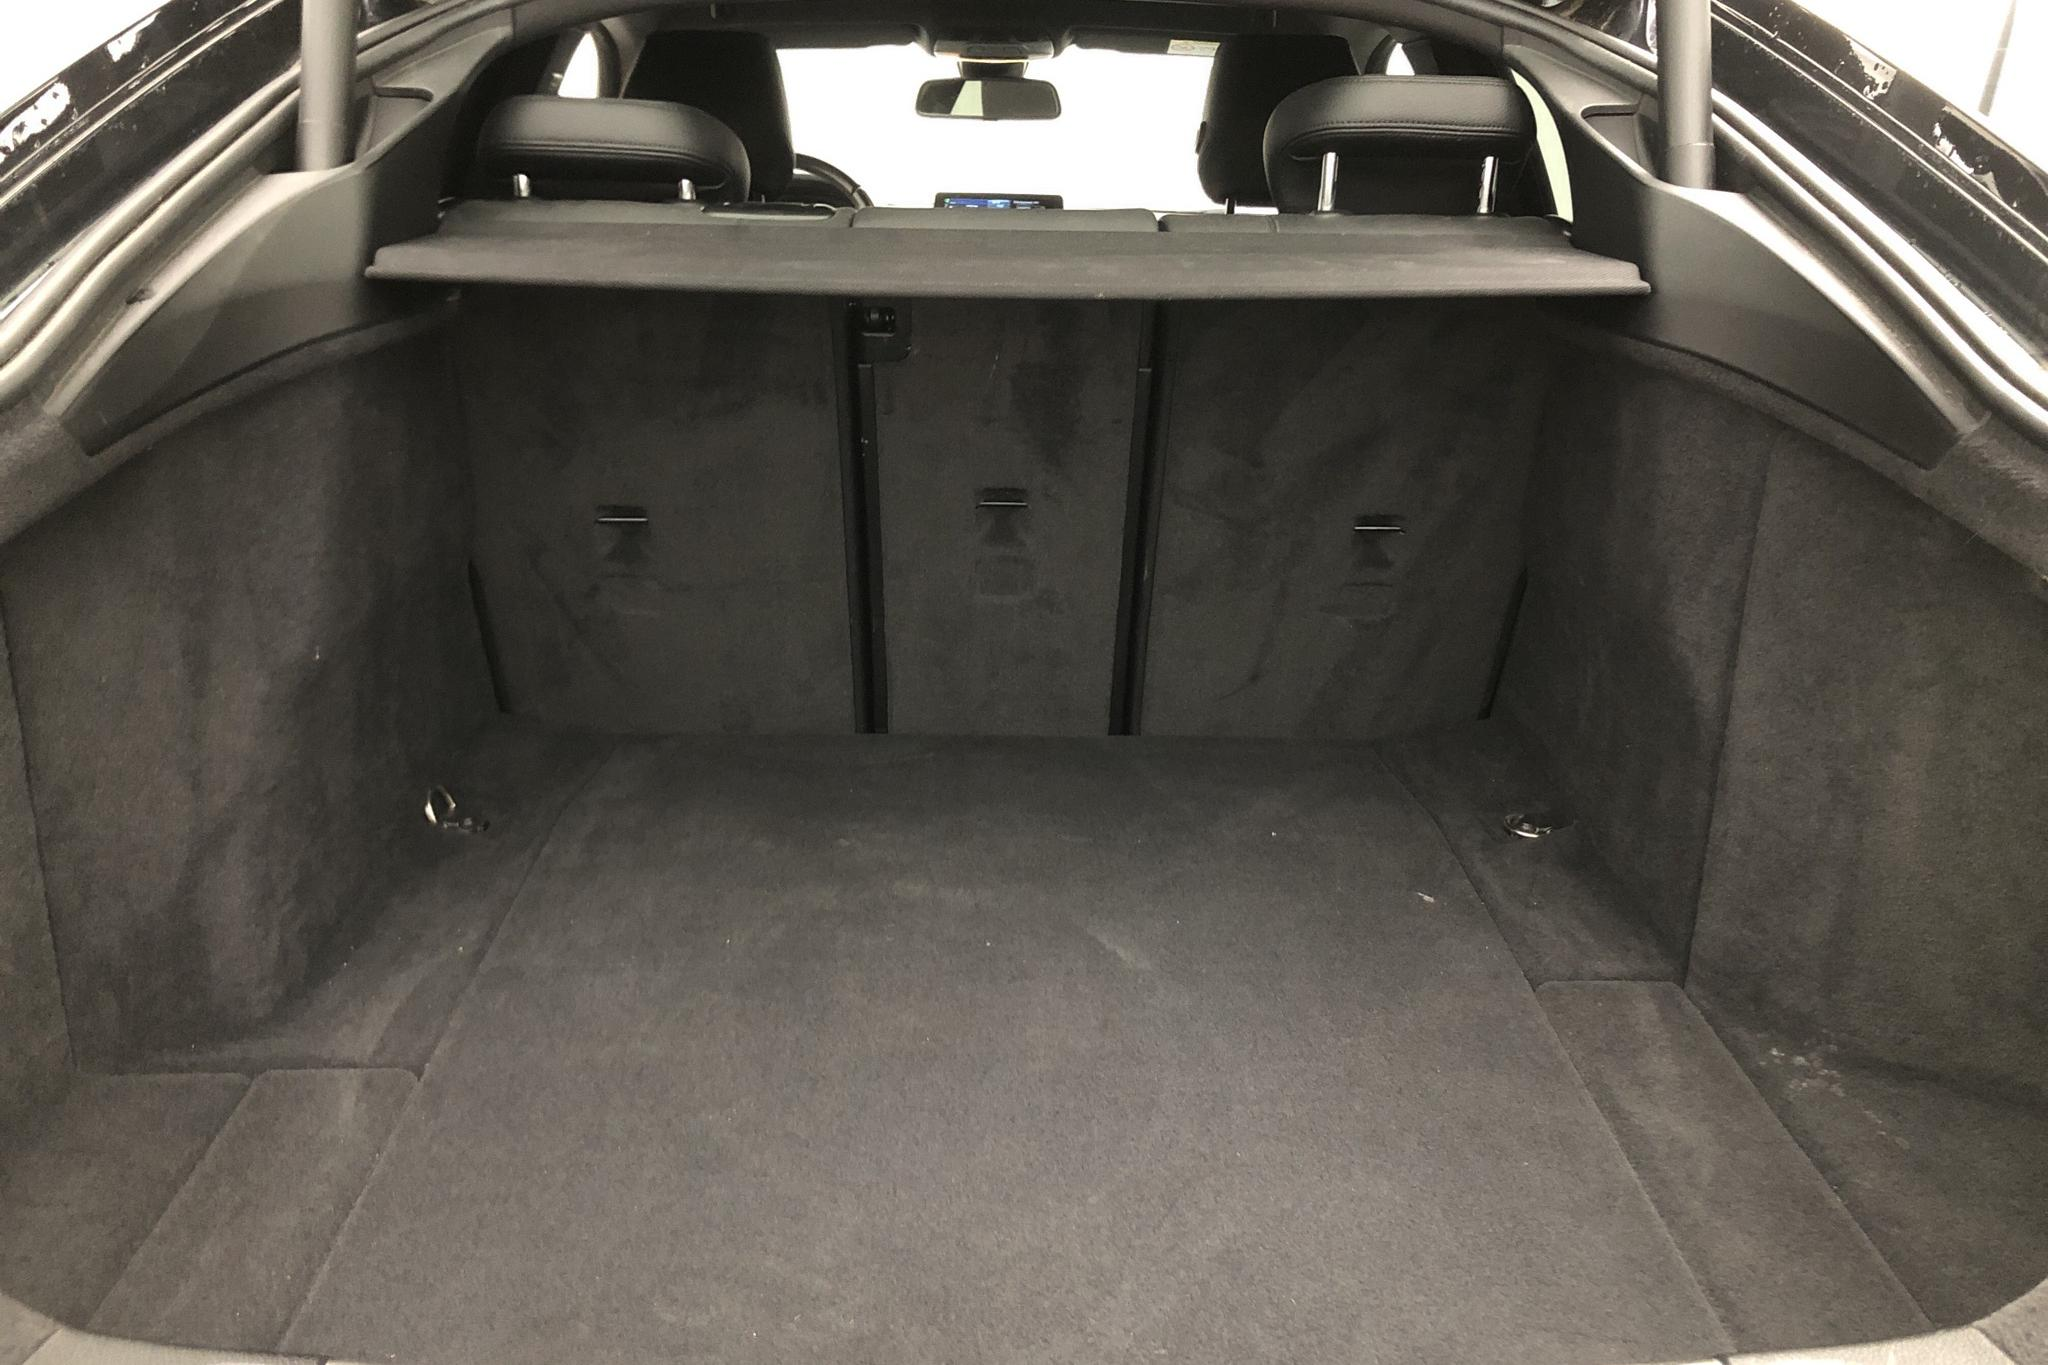 BMW 428i xDrive Gran Coupé, F36 (245hk) - 6 900 mil - Automat - svart - 2015